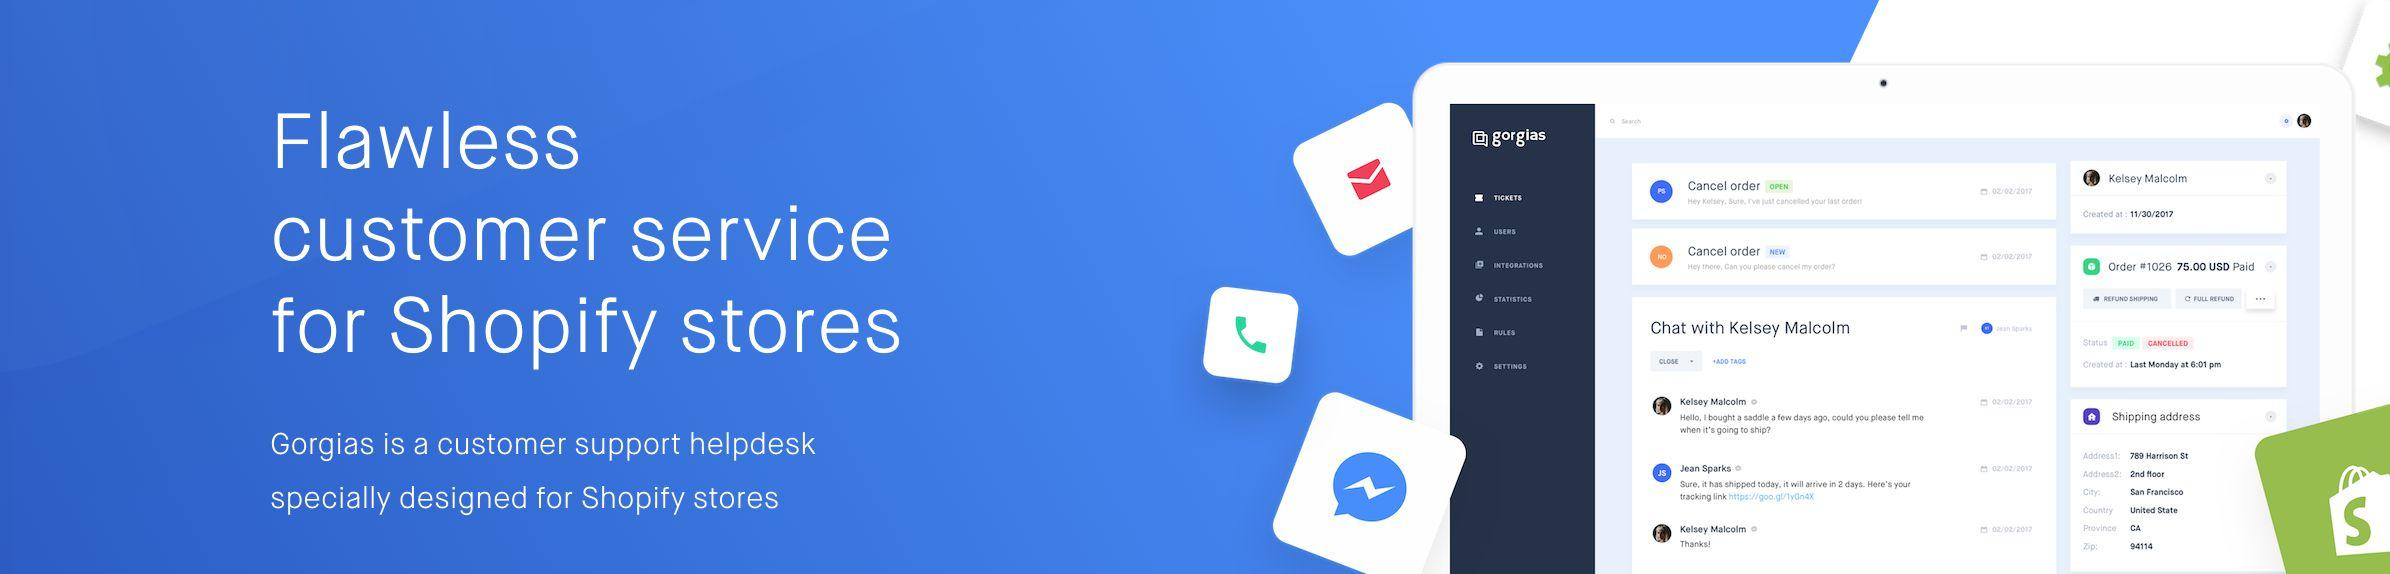 Avis Gorgias : Logiciel de support client pour Shopify - appvizer